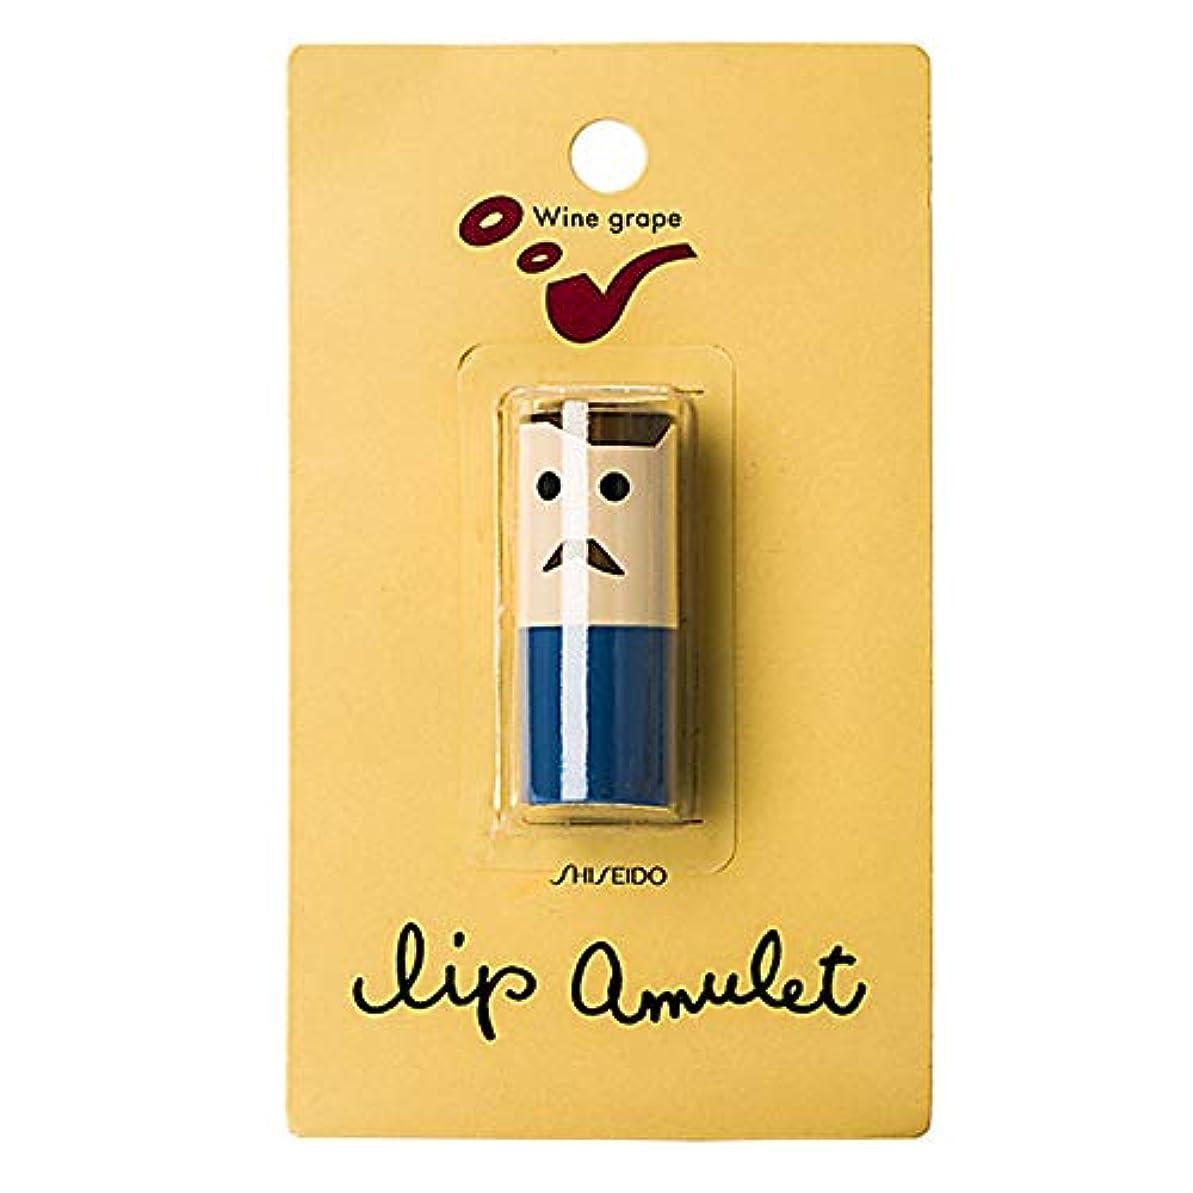 伝記輝度何故なの【台湾限定】資生堂 Shiseido リップアミュレット Lip Amulet お土産 コスメ 色つきリップ 単品 葡萄酒紅 (ワイングレープ) [並行輸入品]